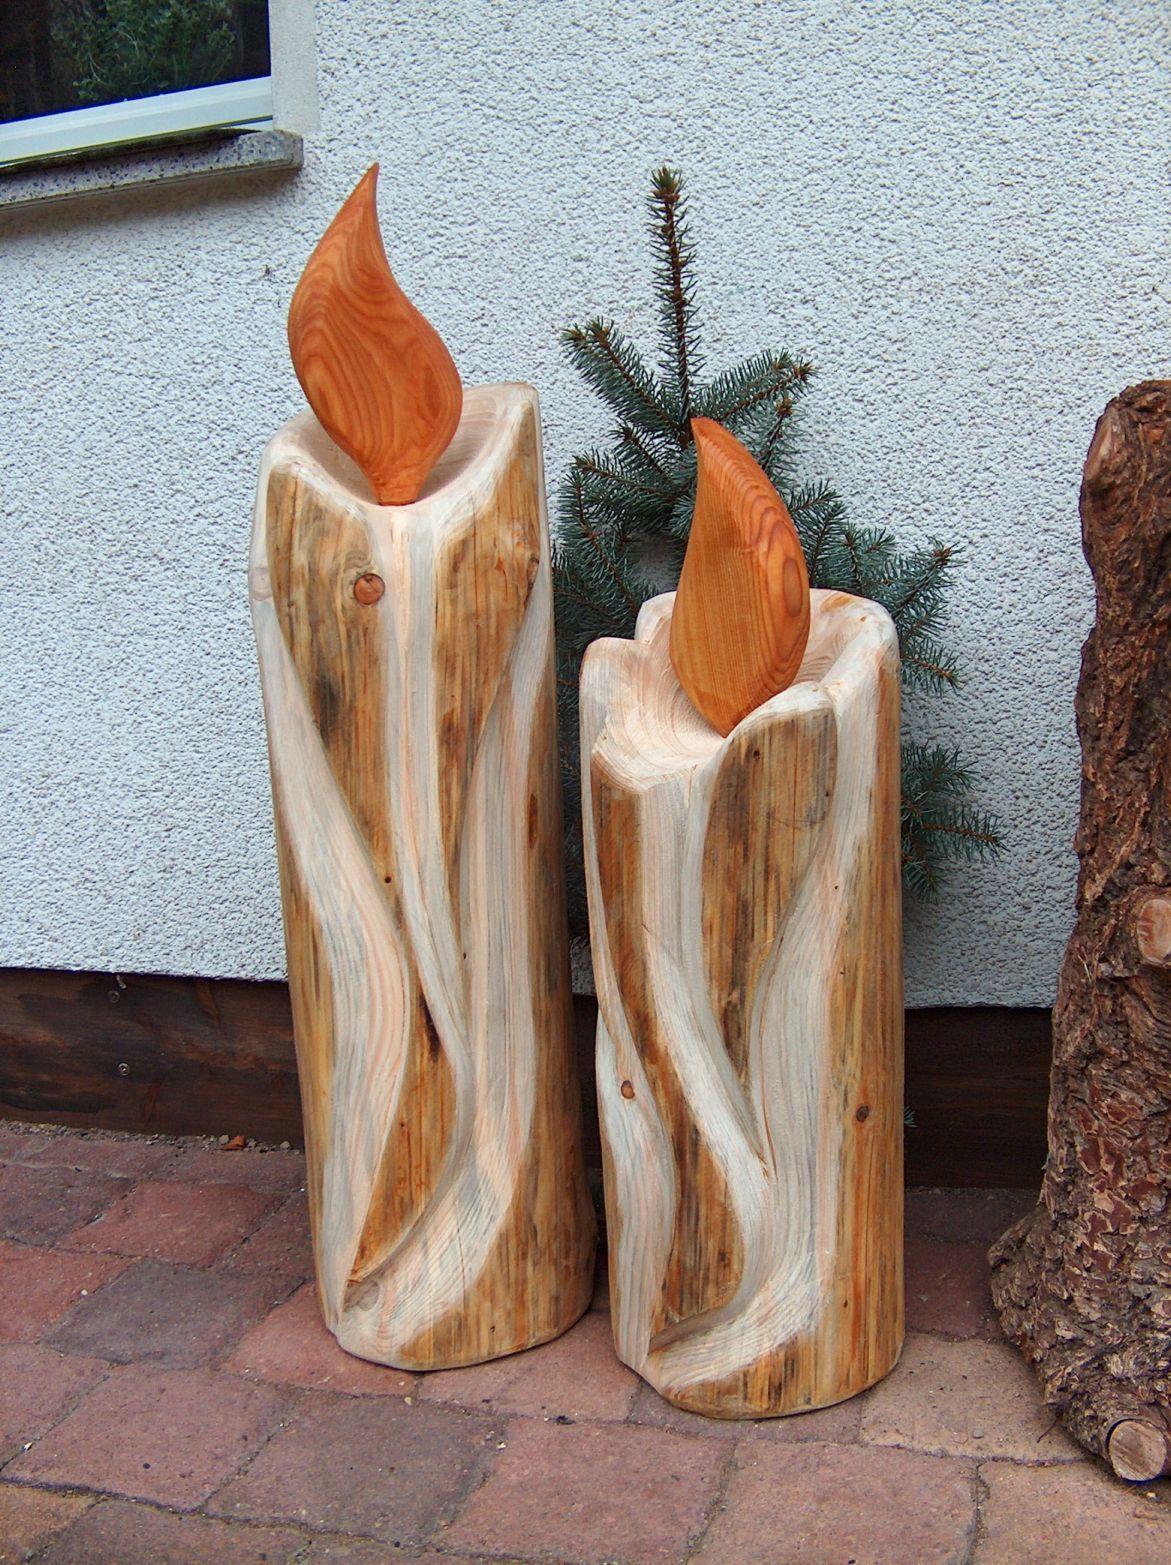 Holzkerzen #weihnachtsdekohauseingangaussen